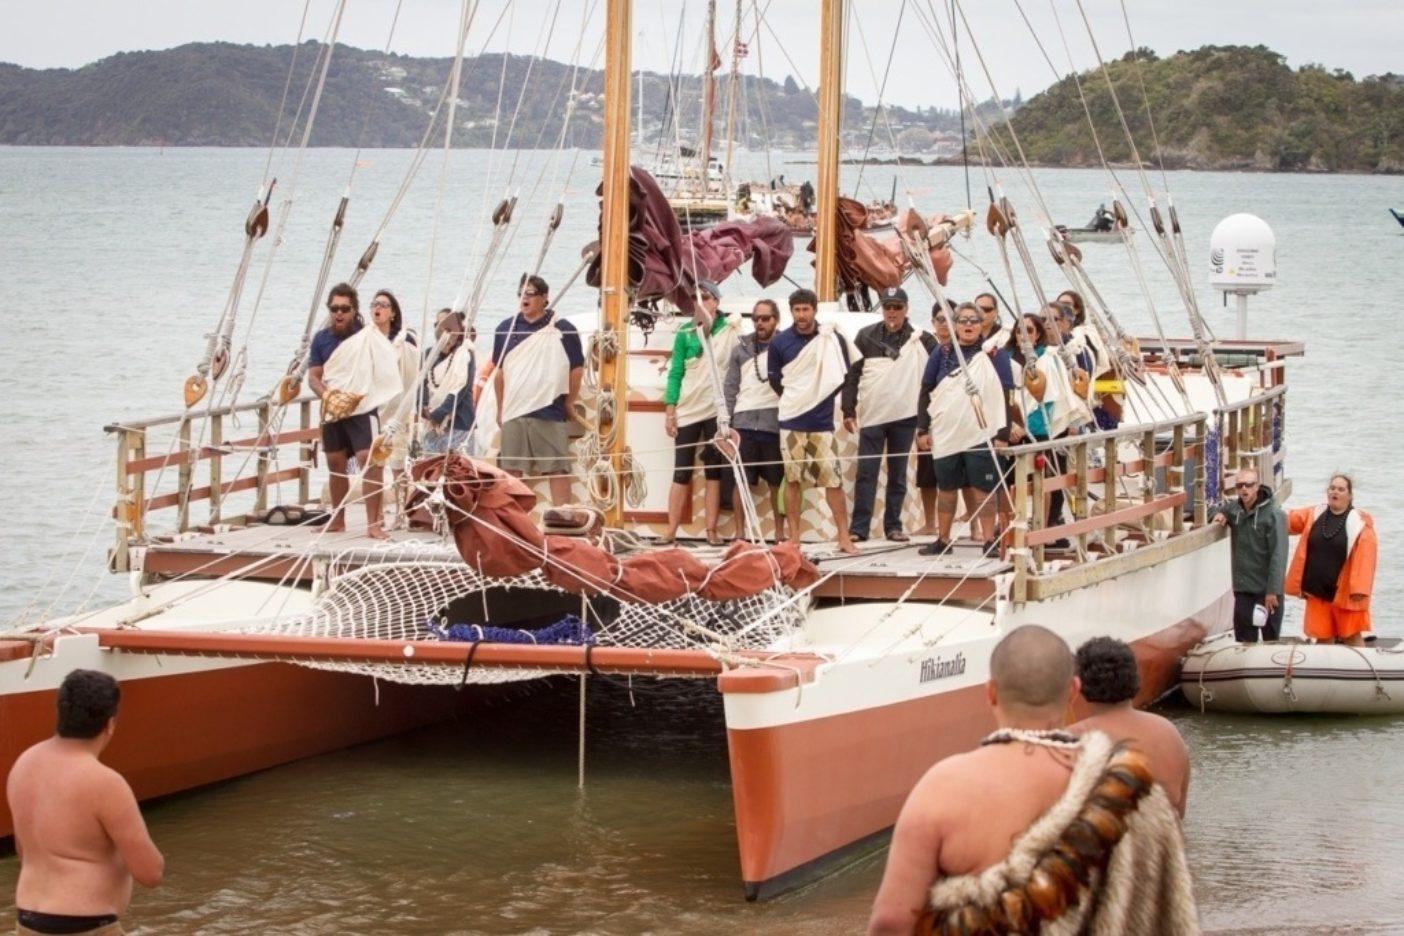 ワイタンギに到着するホクレア号の伴走カヌー、ヒキアナリア号。船長と乗組員は慎みを示す詠唱「メレ・カヘア」を歌いながら新たな地への入港許可を求める。この詠唱は世界航海中どの港でも歌われてきた。Photo: John Bilderback